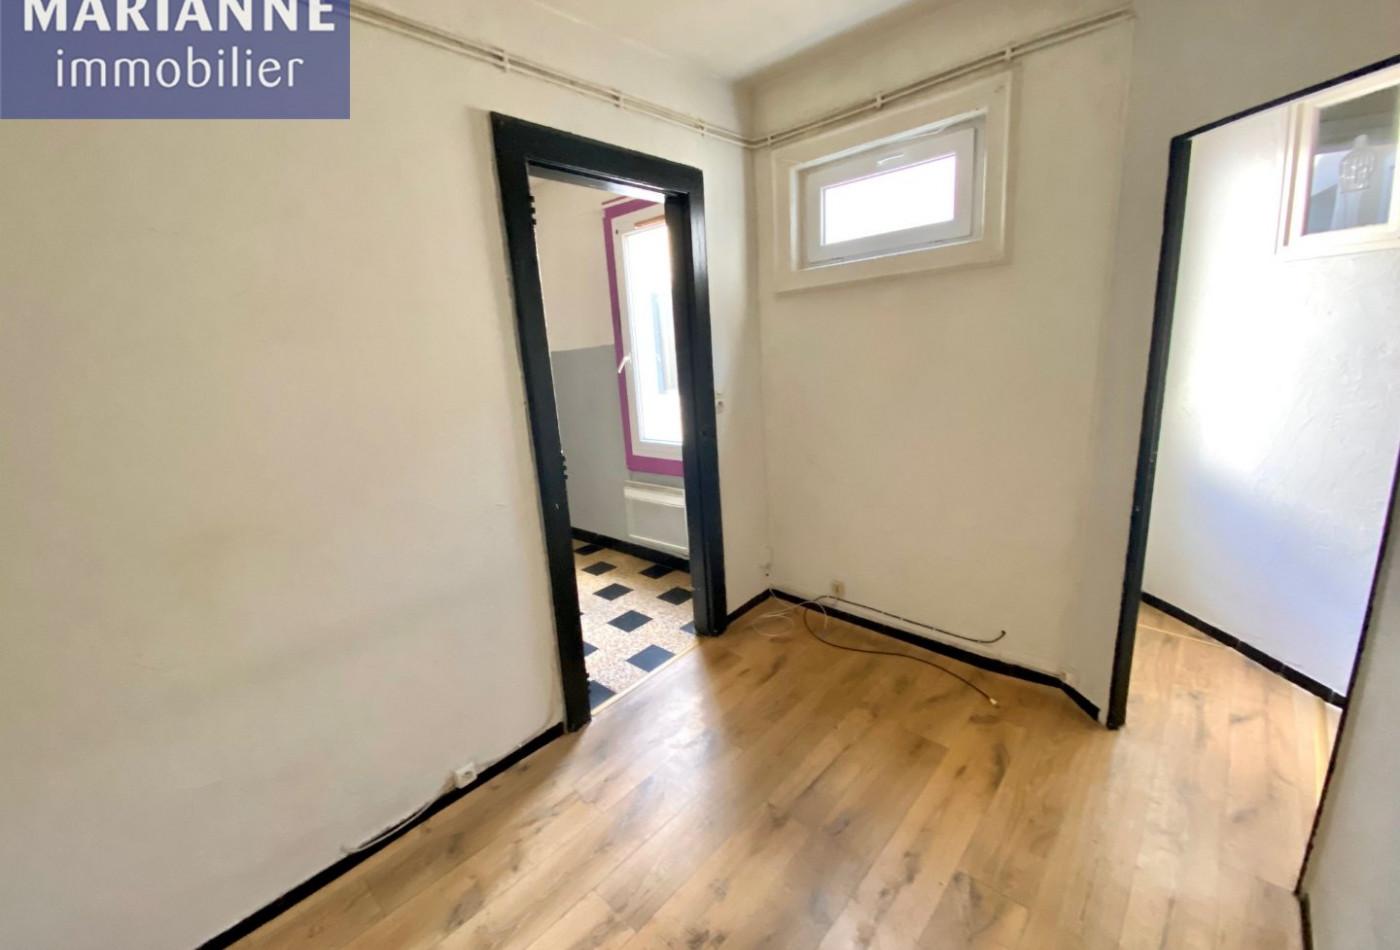 A vendre  Sete | Réf 344176201 - Marianne immobilier